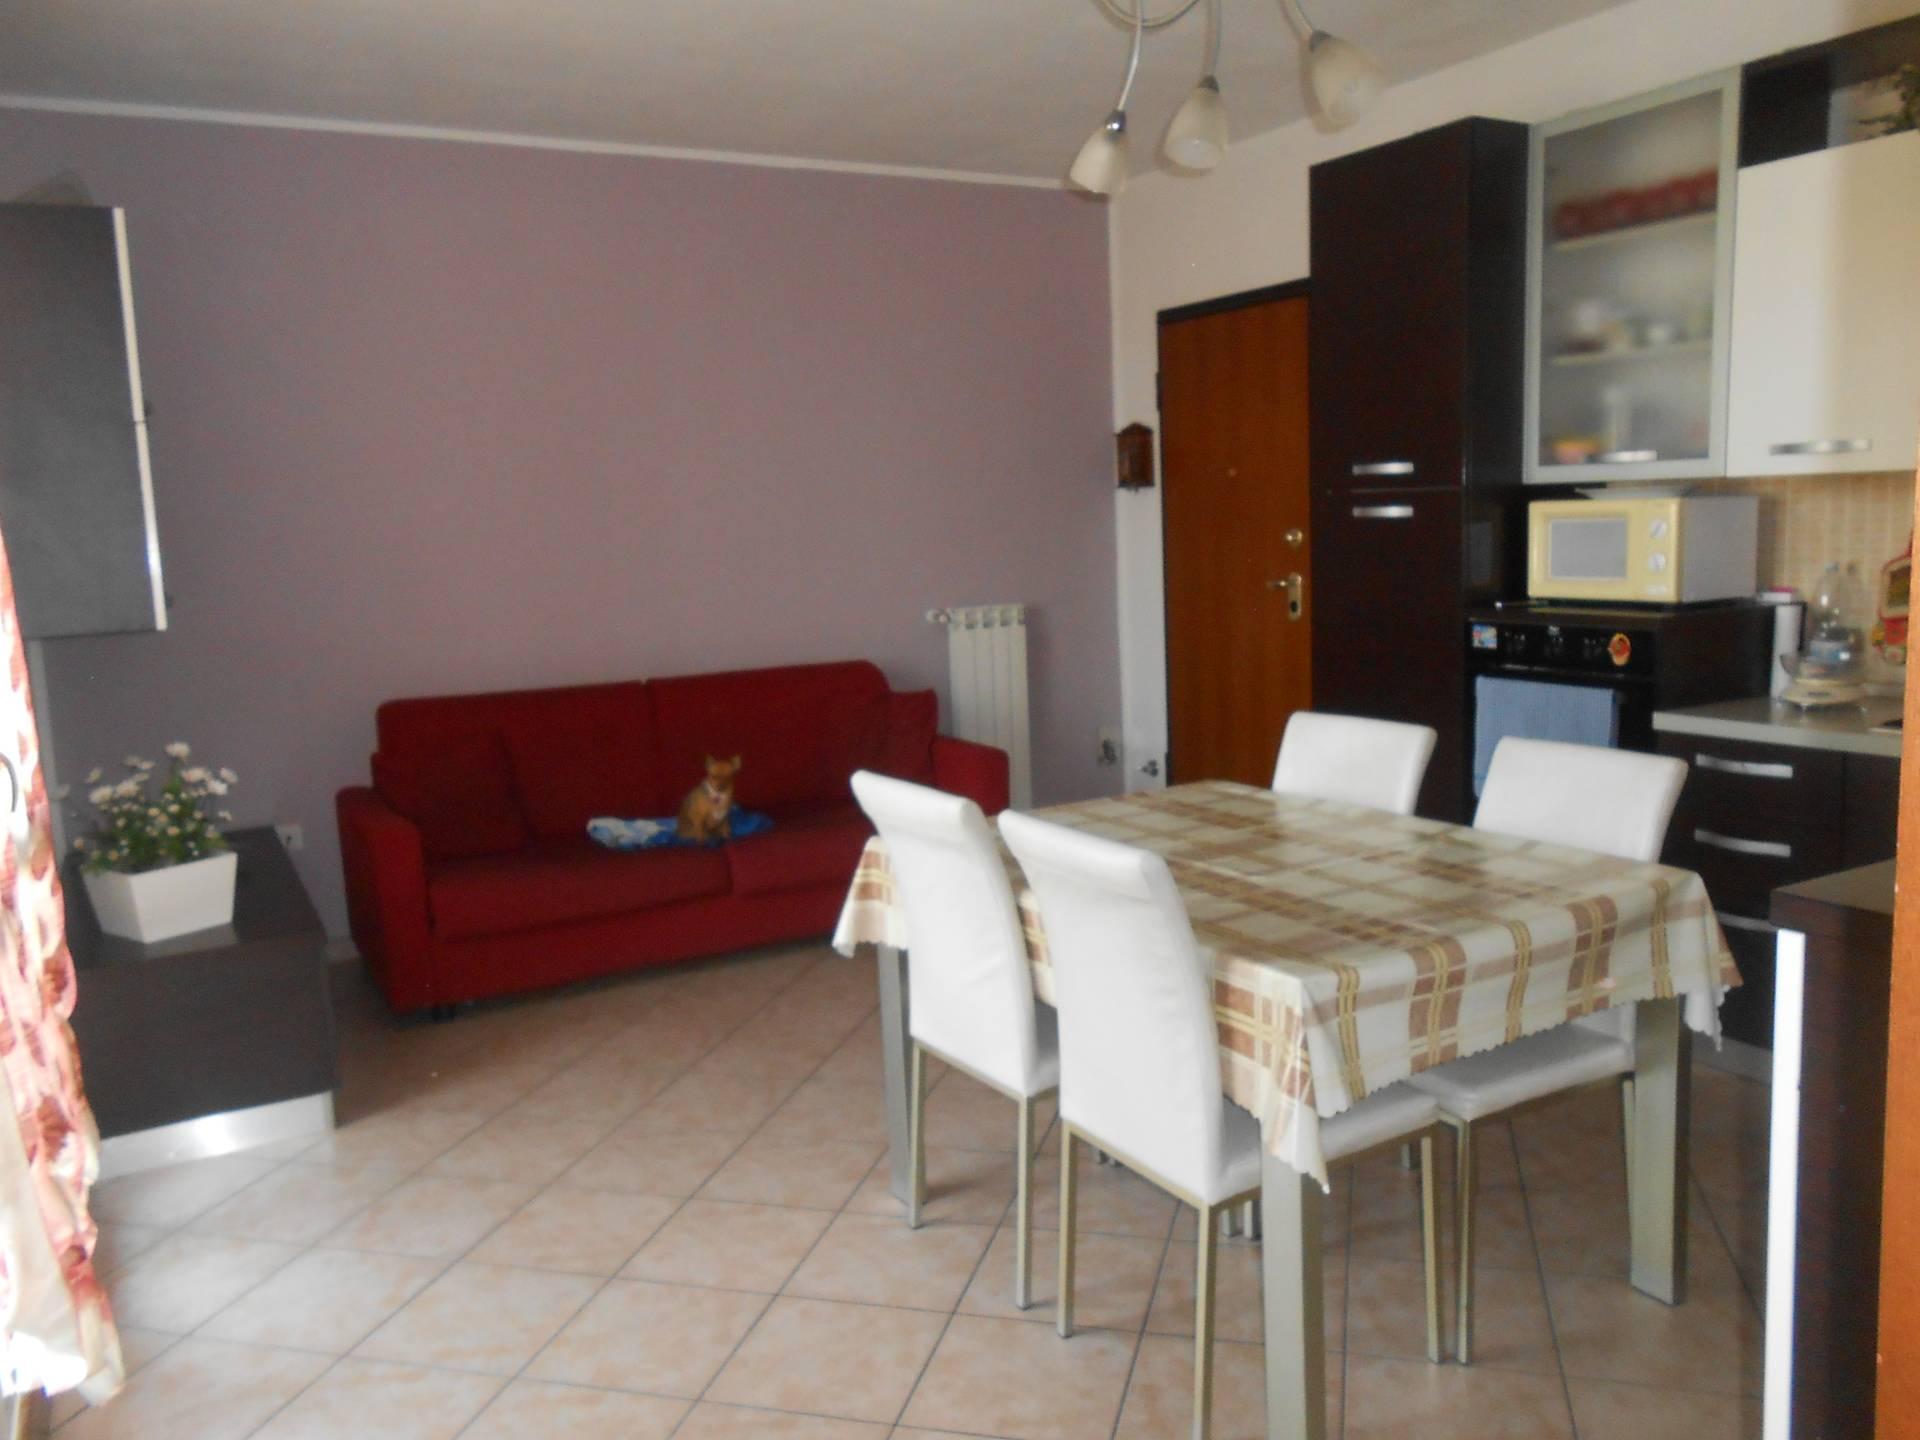 Appartamento in vendita a Casalgrande, 3 locali, prezzo € 120.000 | CambioCasa.it